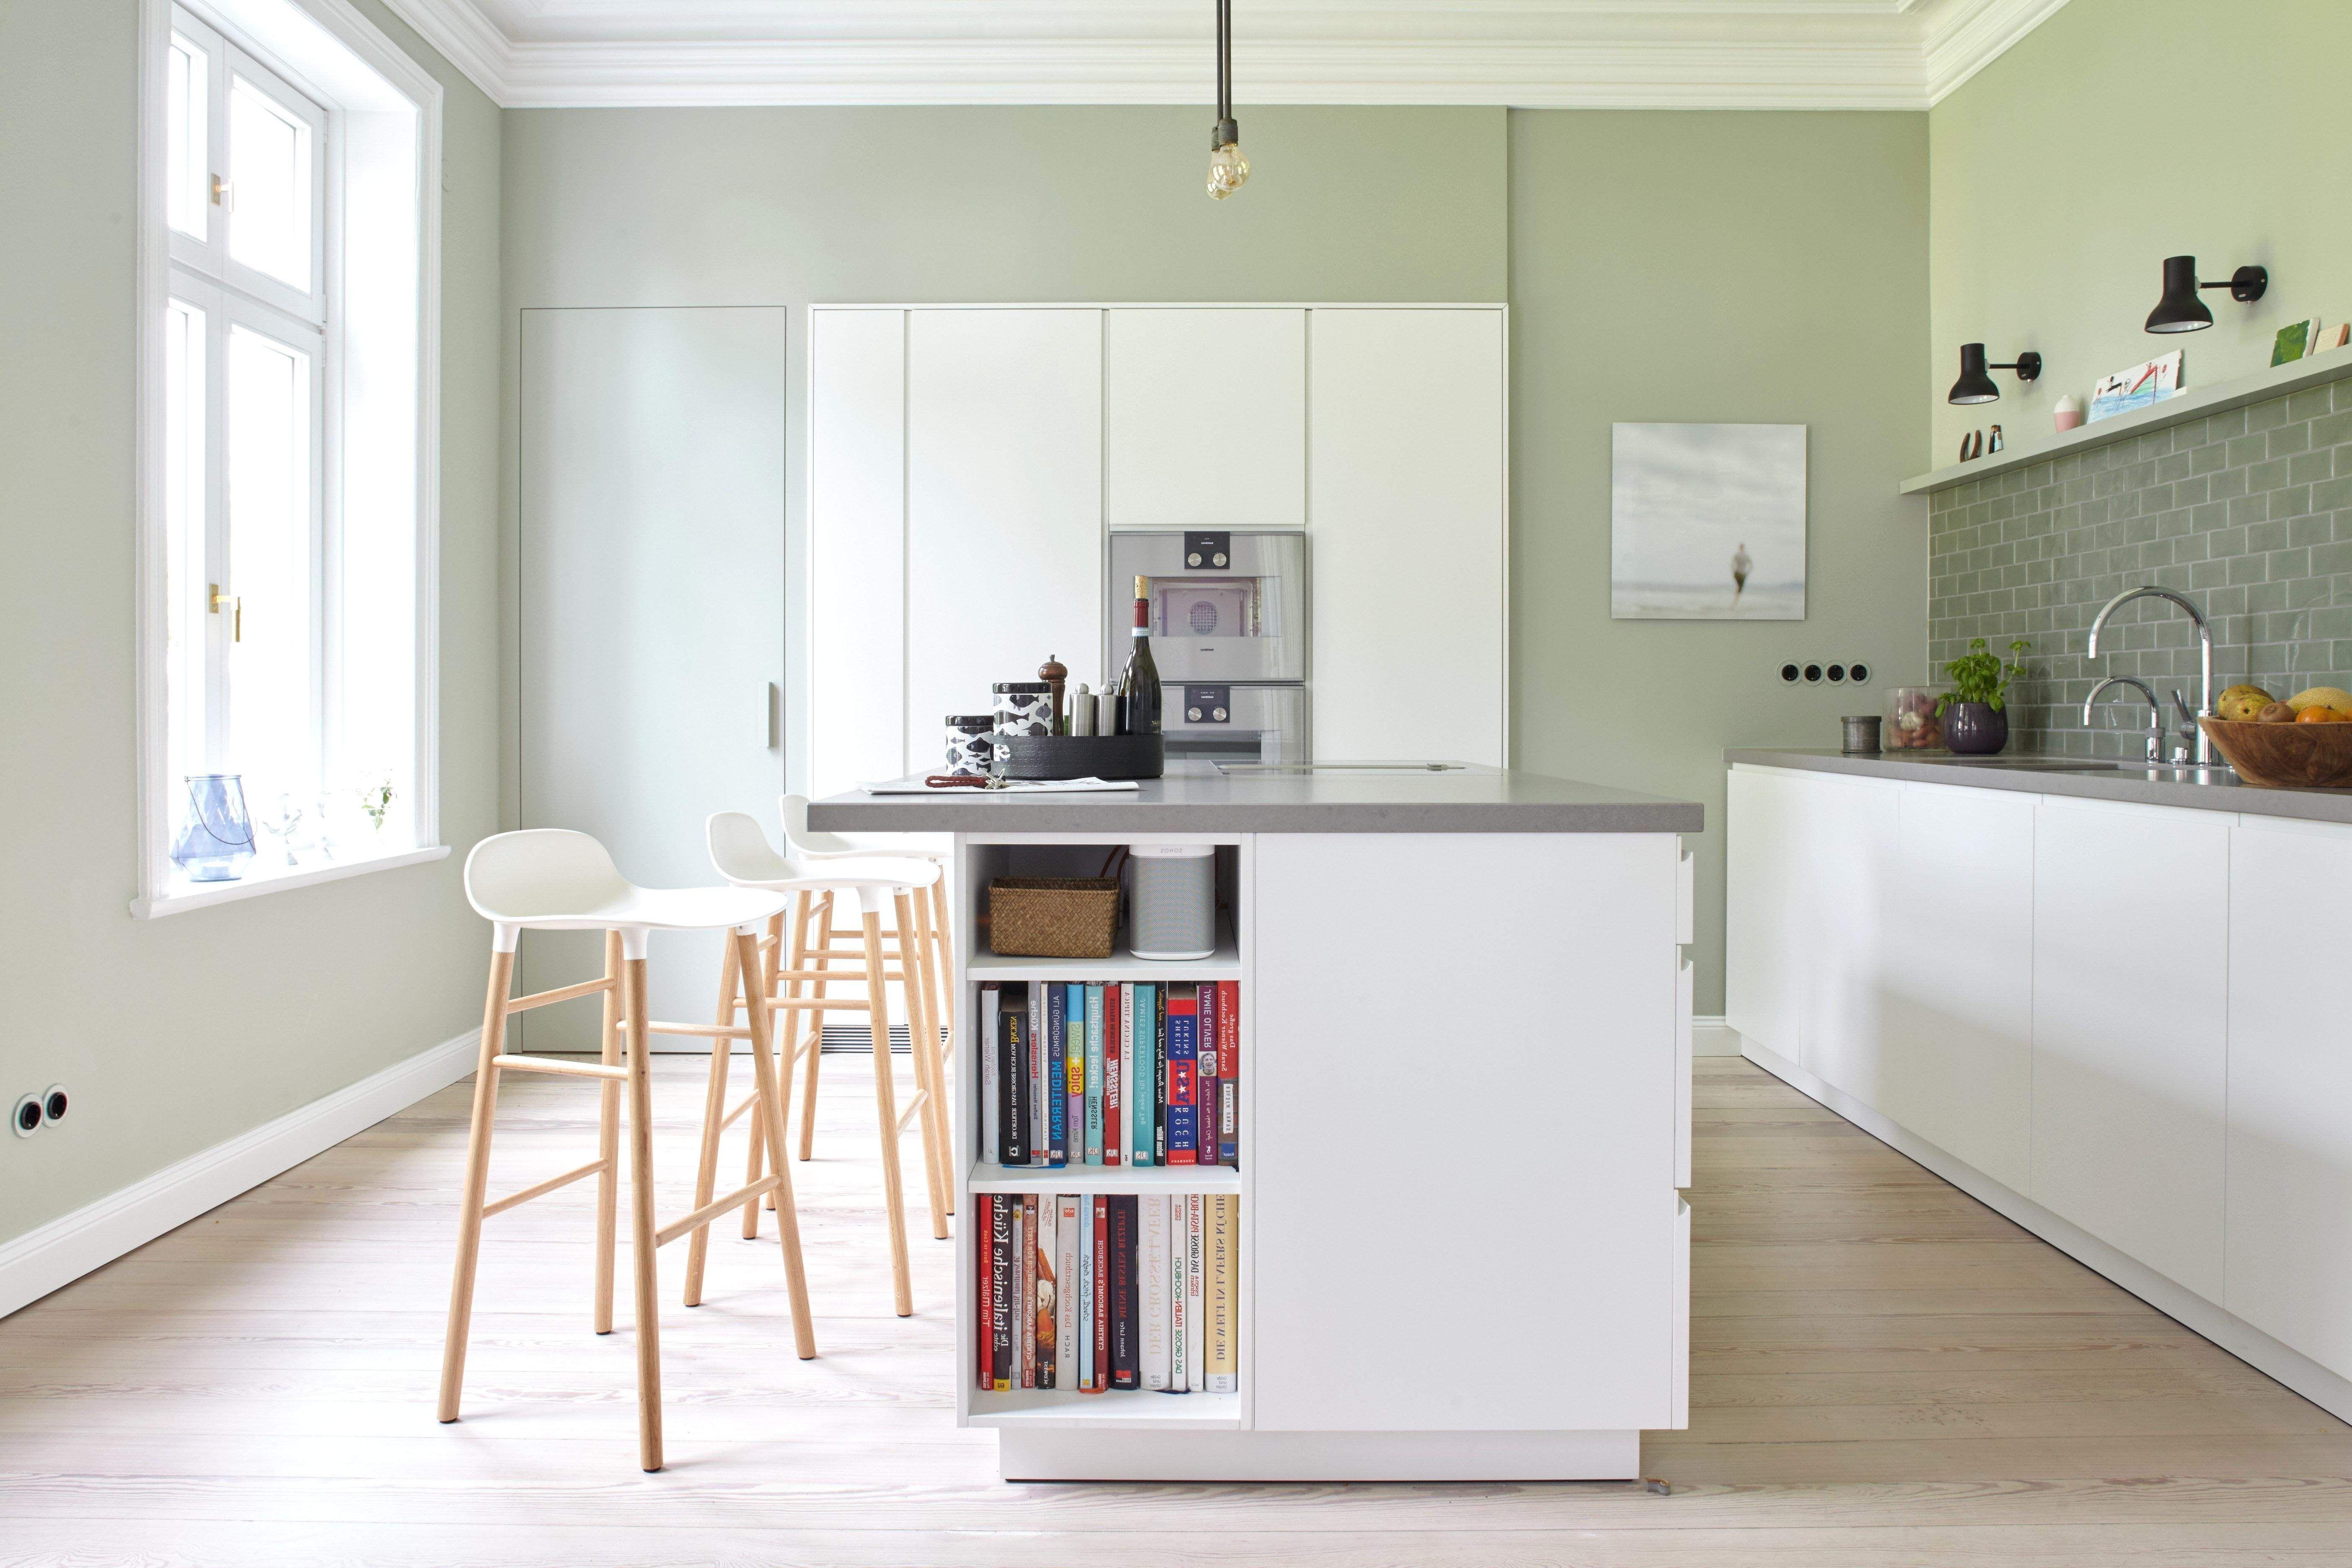 36 Schön Küchen Unterschrank Ausbauen Home decor